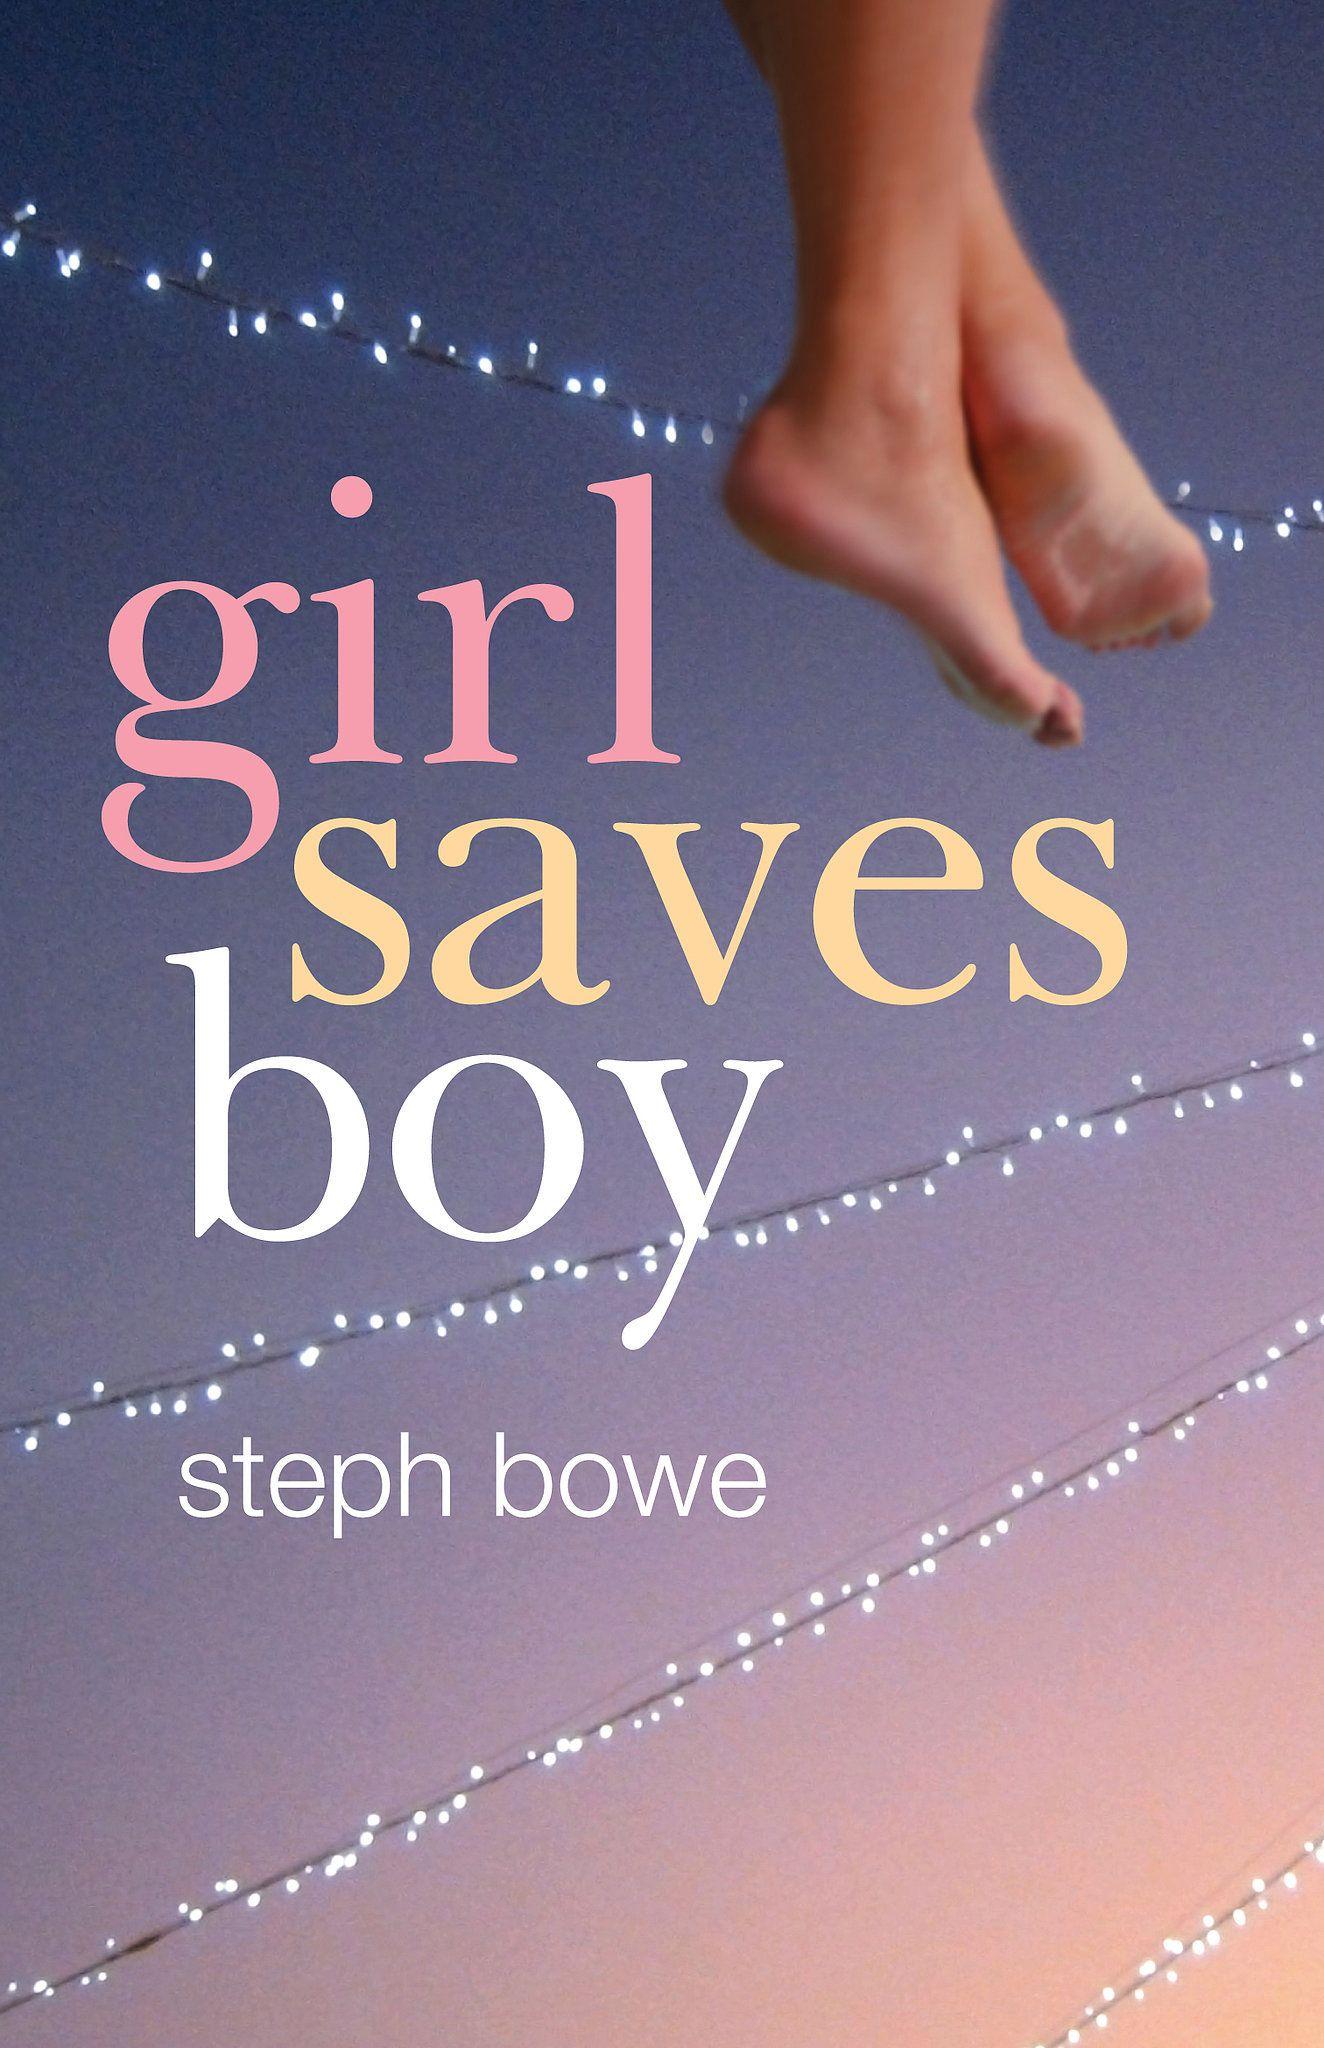 Christian dating fir teen girl book